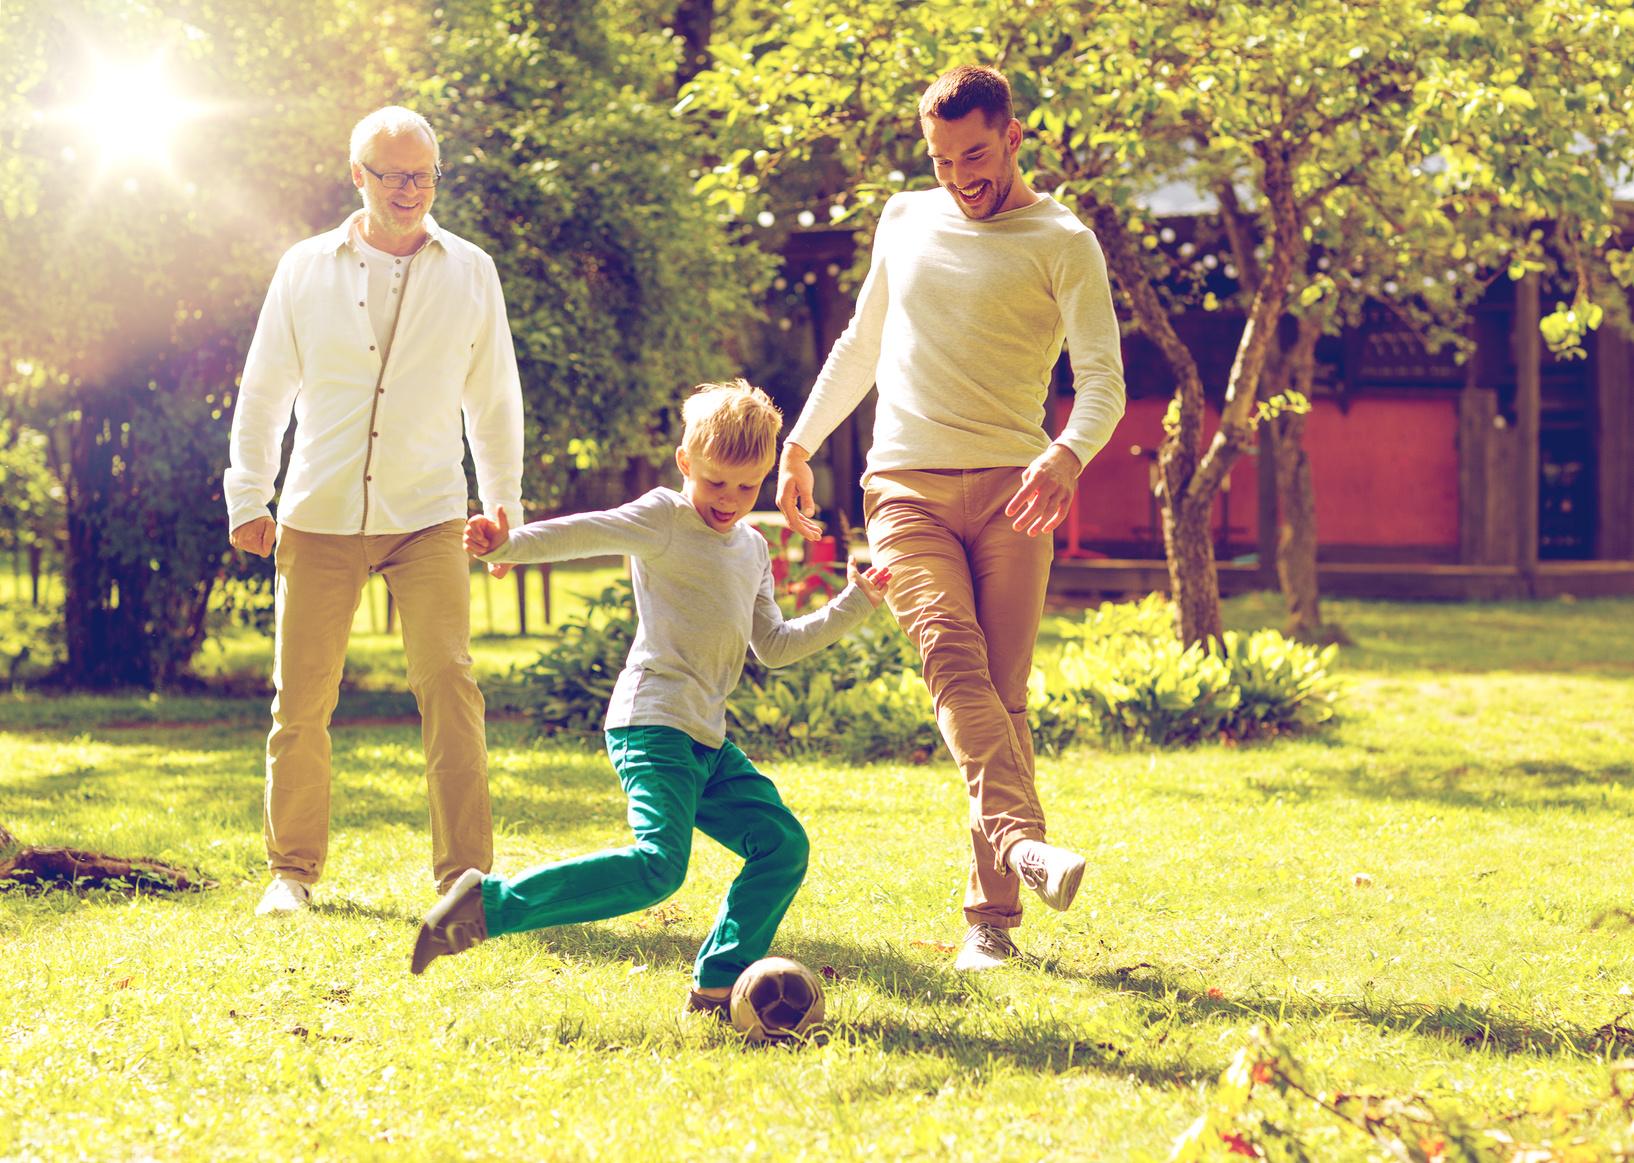 Pour Motiver Astuces Enfant Son Sport 6 EqvF71